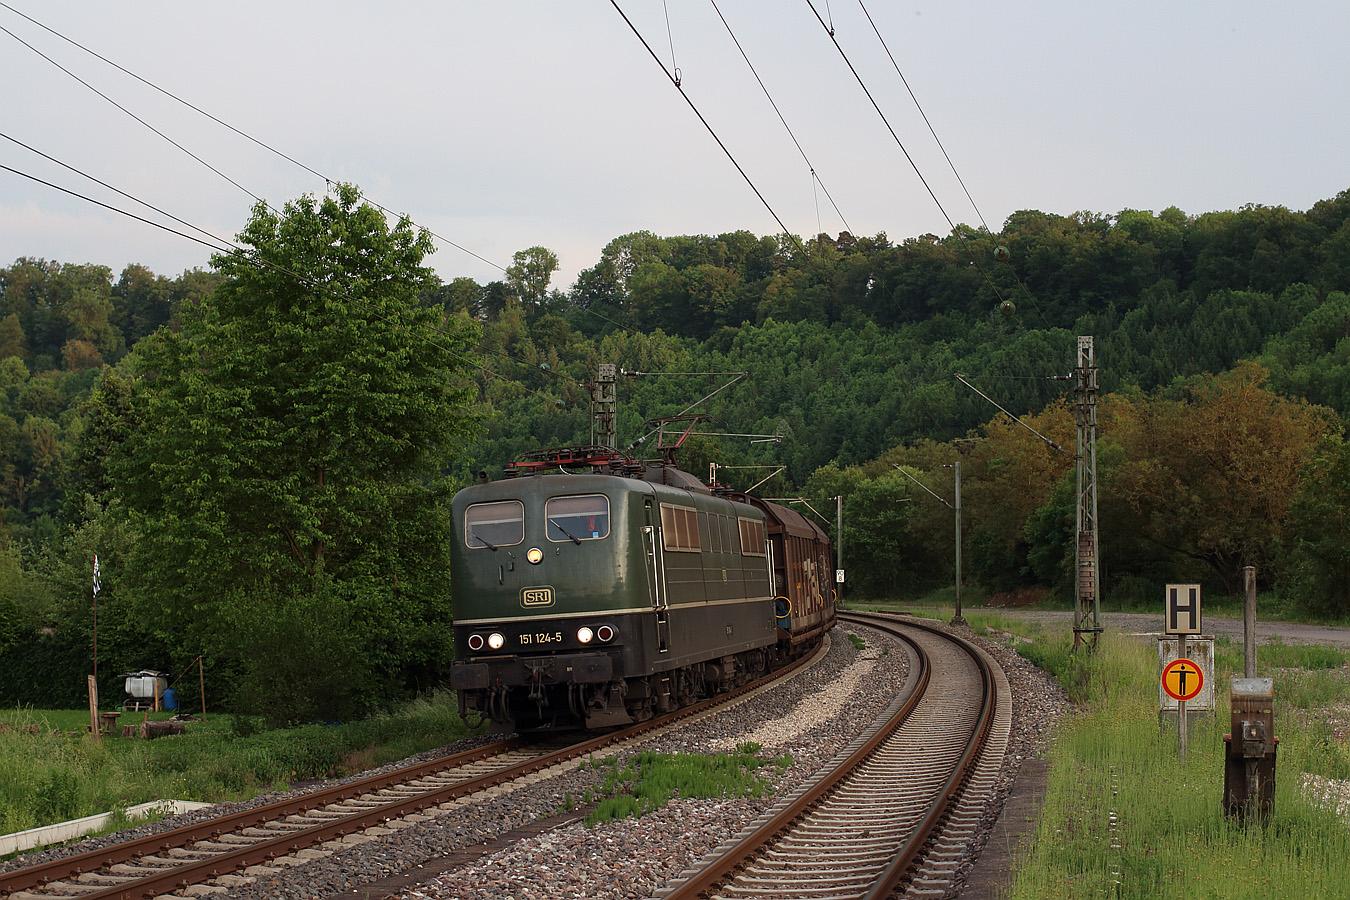 http://www.eisenbahnfotos-online.de/webspace/151124sri-300517-tro-1350.jpg